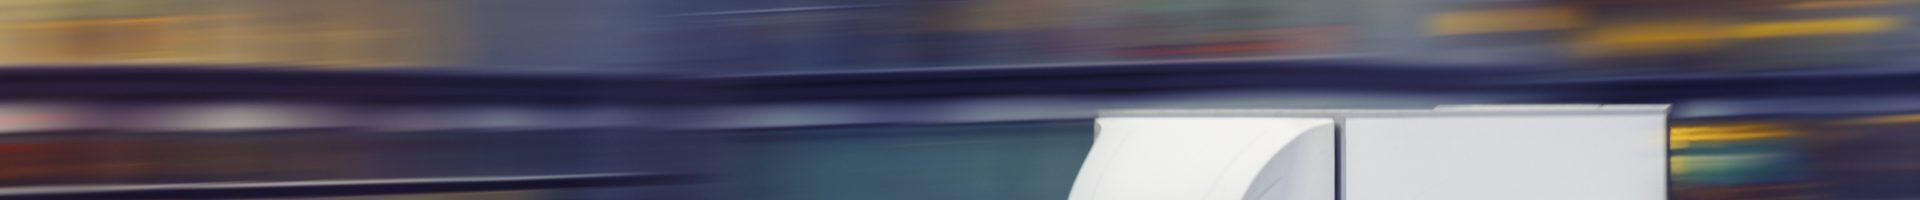 Które typy pokrowców sprawdzą się najlepiej w samochodach dostawczych?